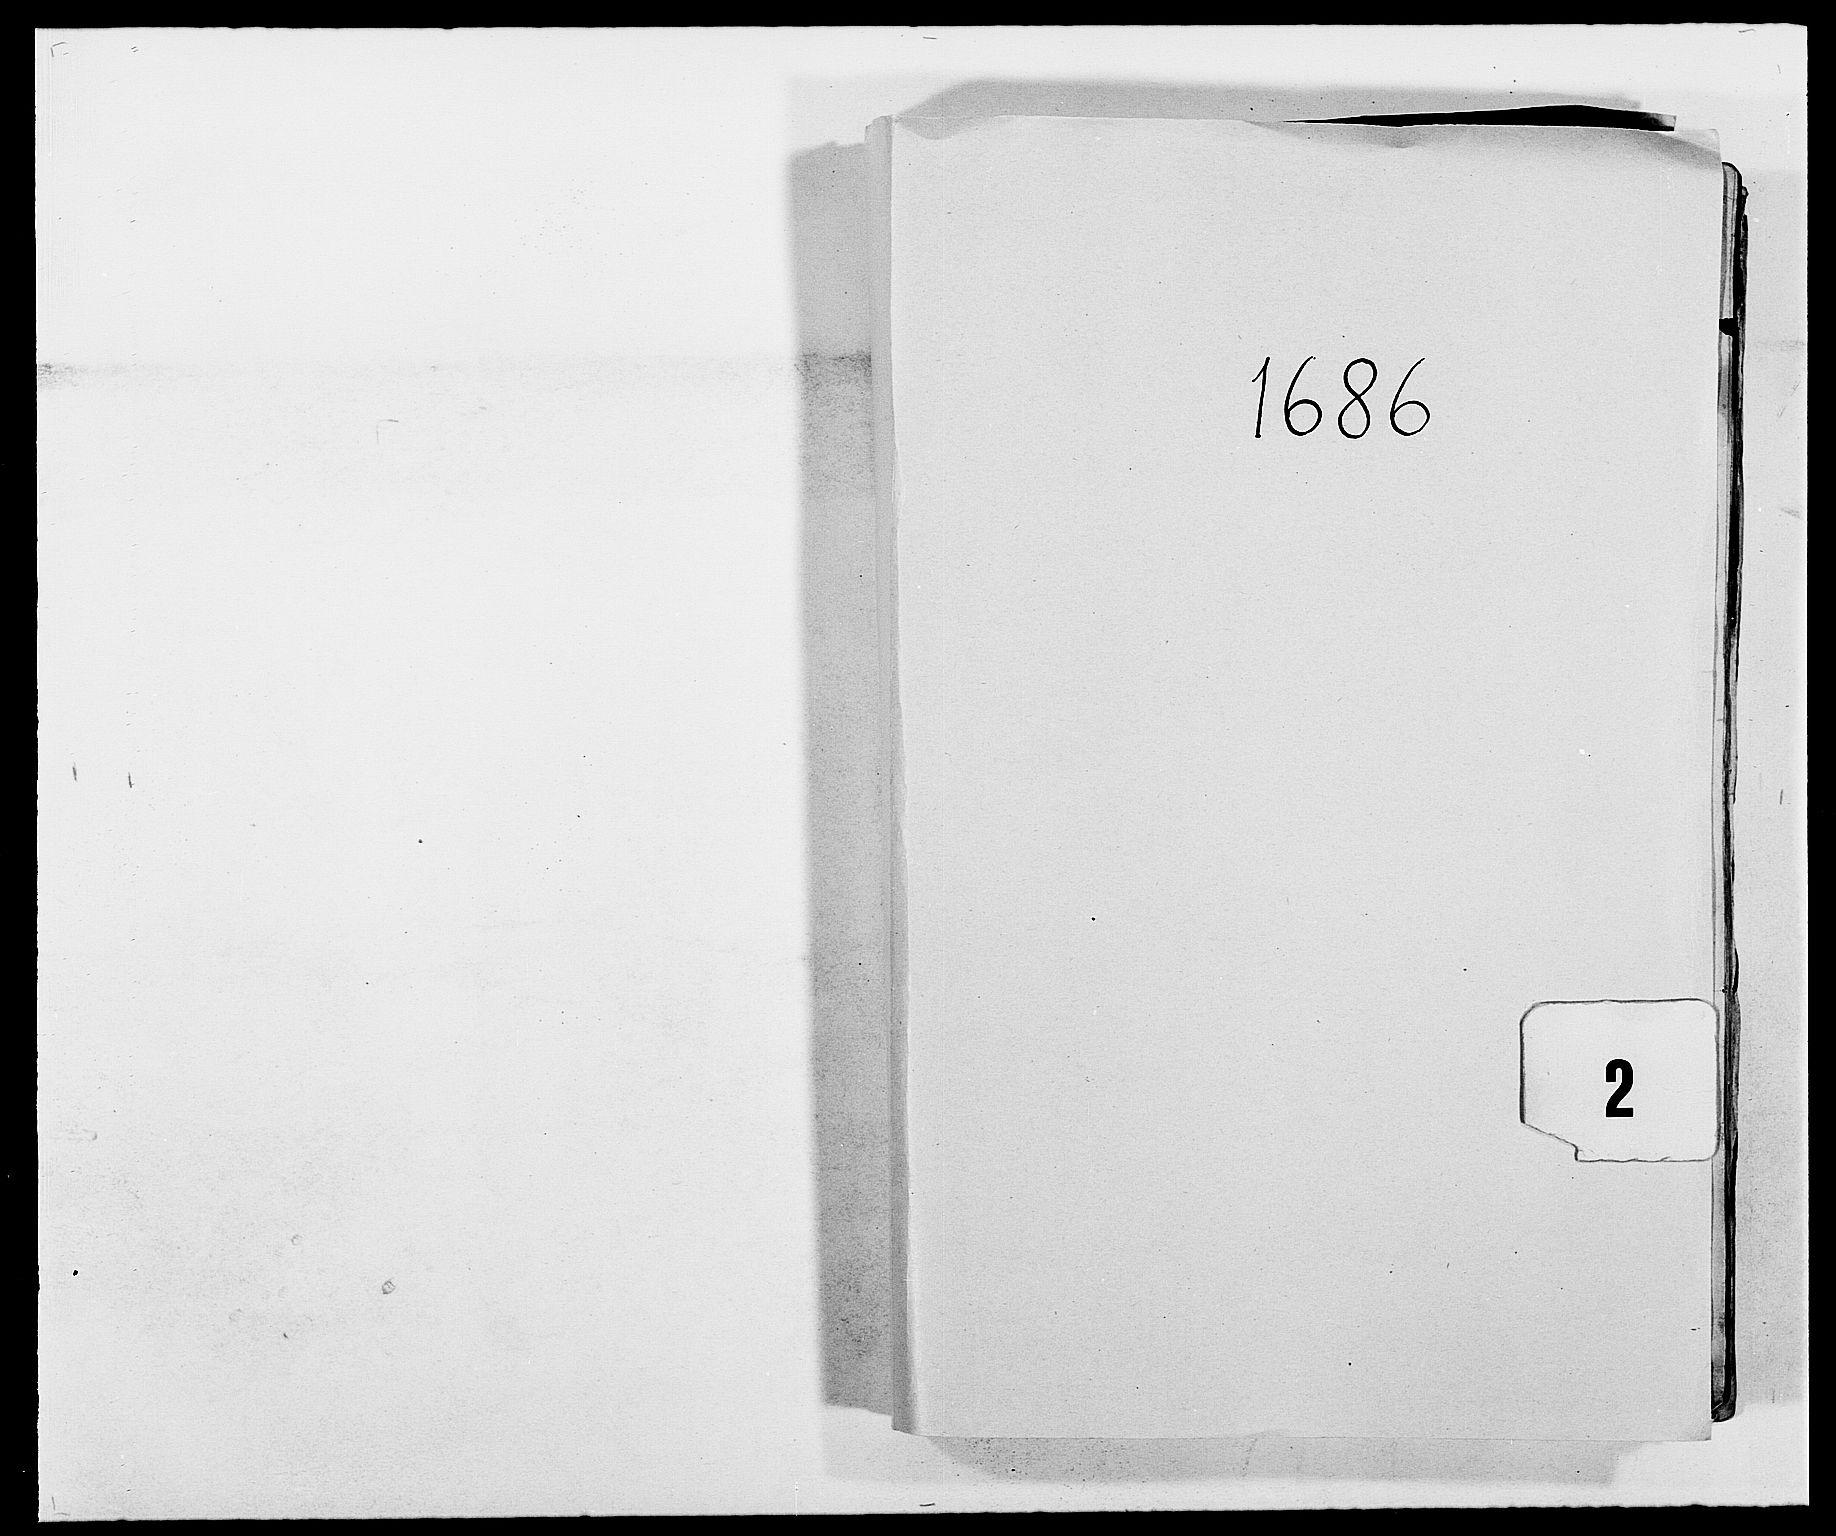 RA, Rentekammeret inntil 1814, Reviderte regnskaper, Fogderegnskap, R02/L0105: Fogderegnskap Moss og Verne kloster, 1685-1687, s. 118